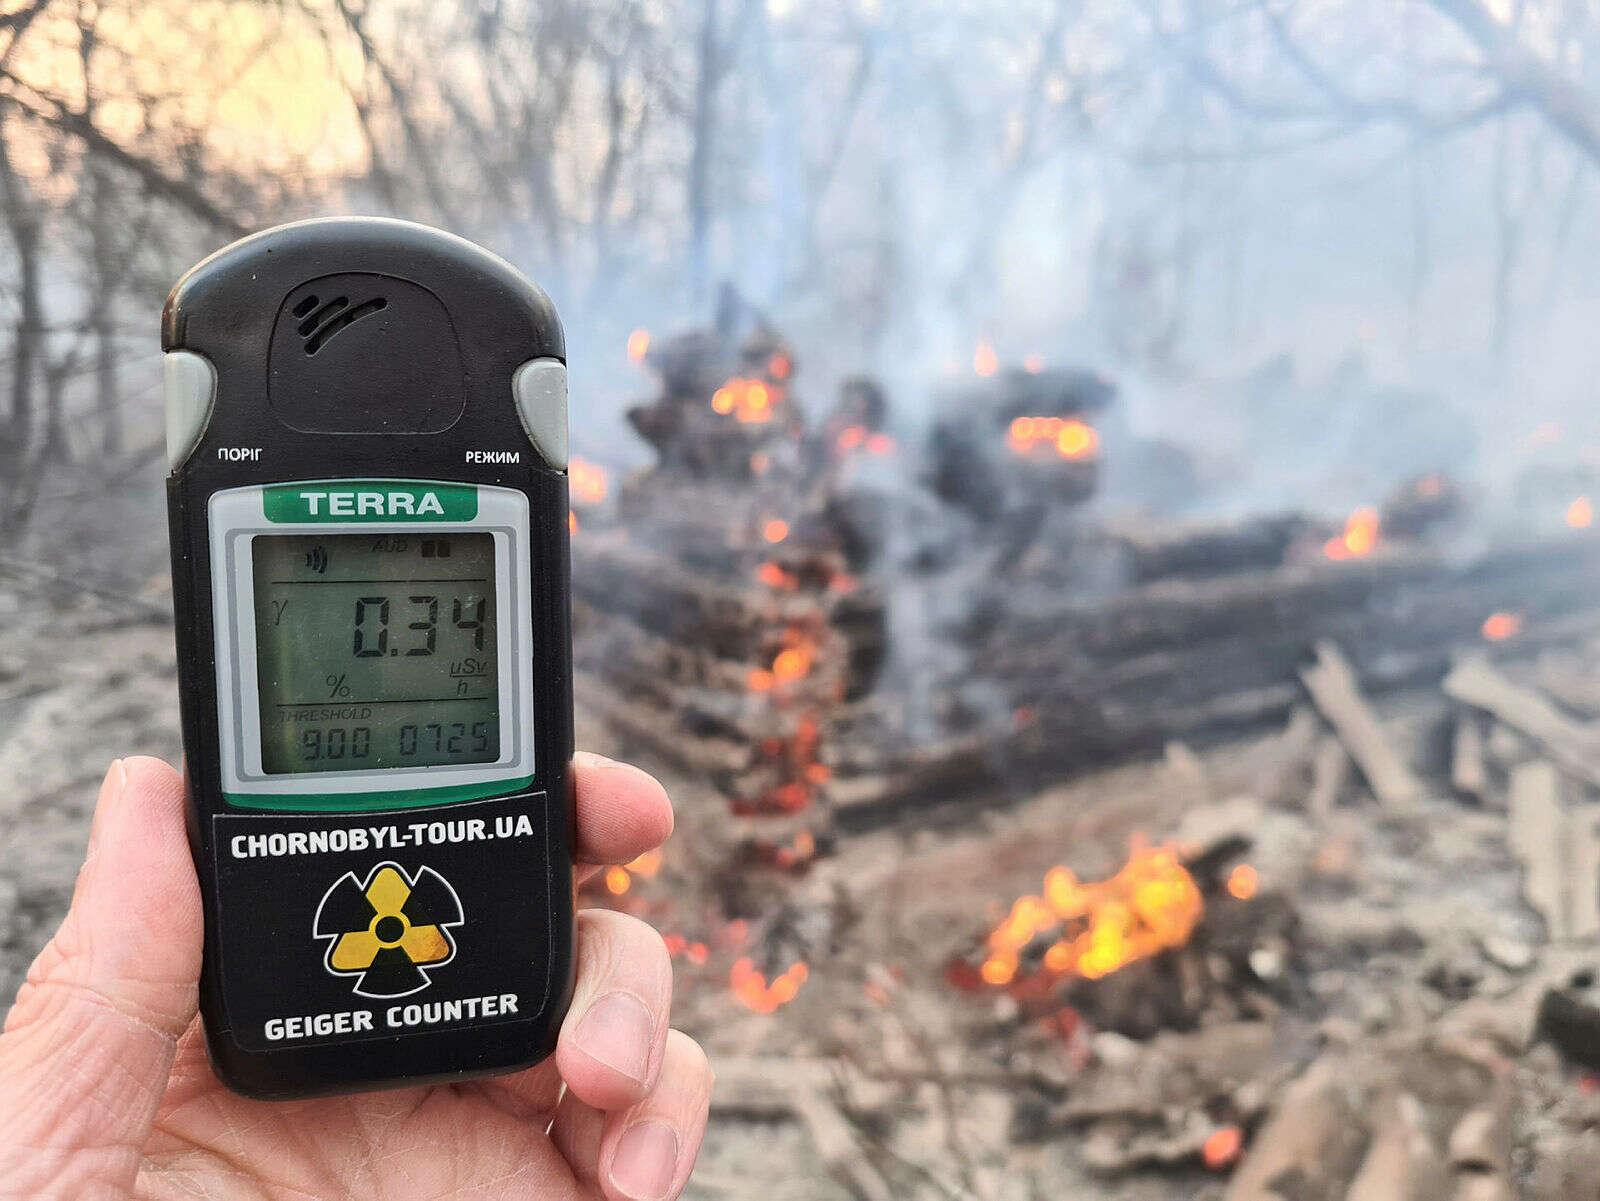 בעקבות שריפה: עלייה בקרינה ליד צ'רנוביל